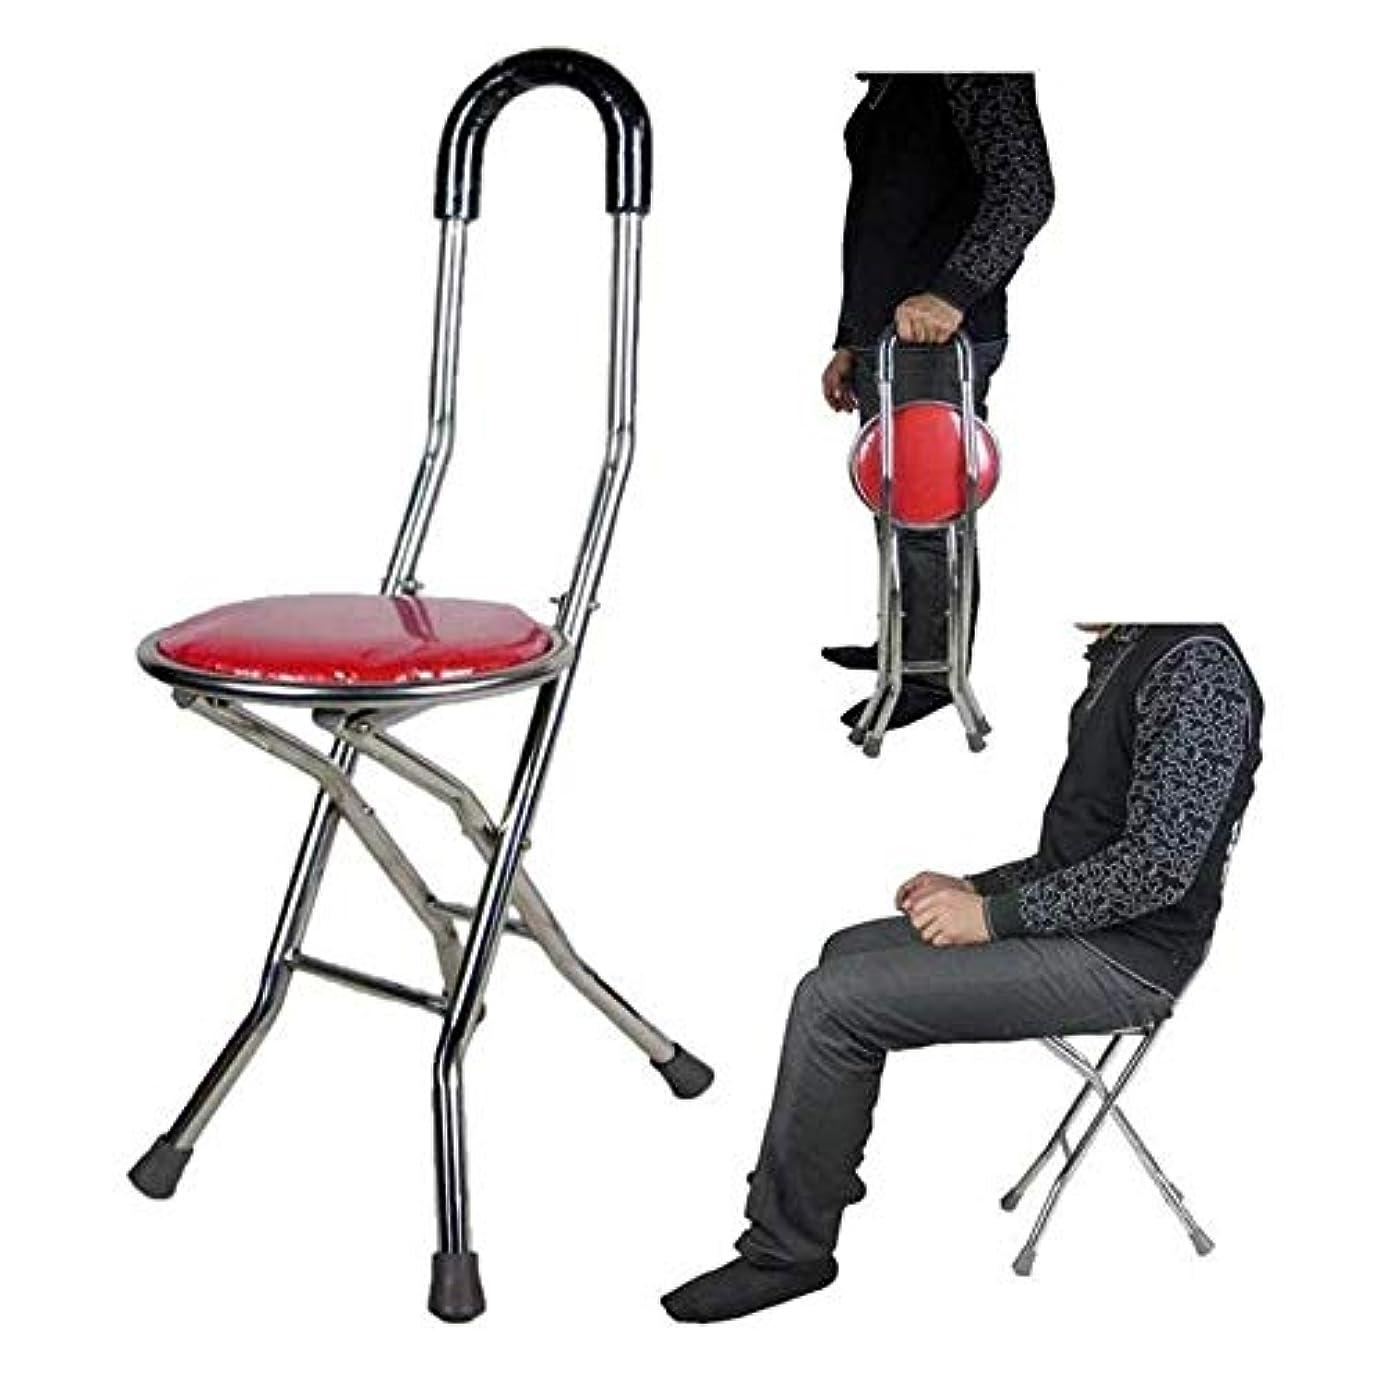 分子ステートメント規制するシート付きウォーキングスティック、屋外老人杖スツールチェア4フィート折りたたみ多機能シートシート付きポータブル松葉杖